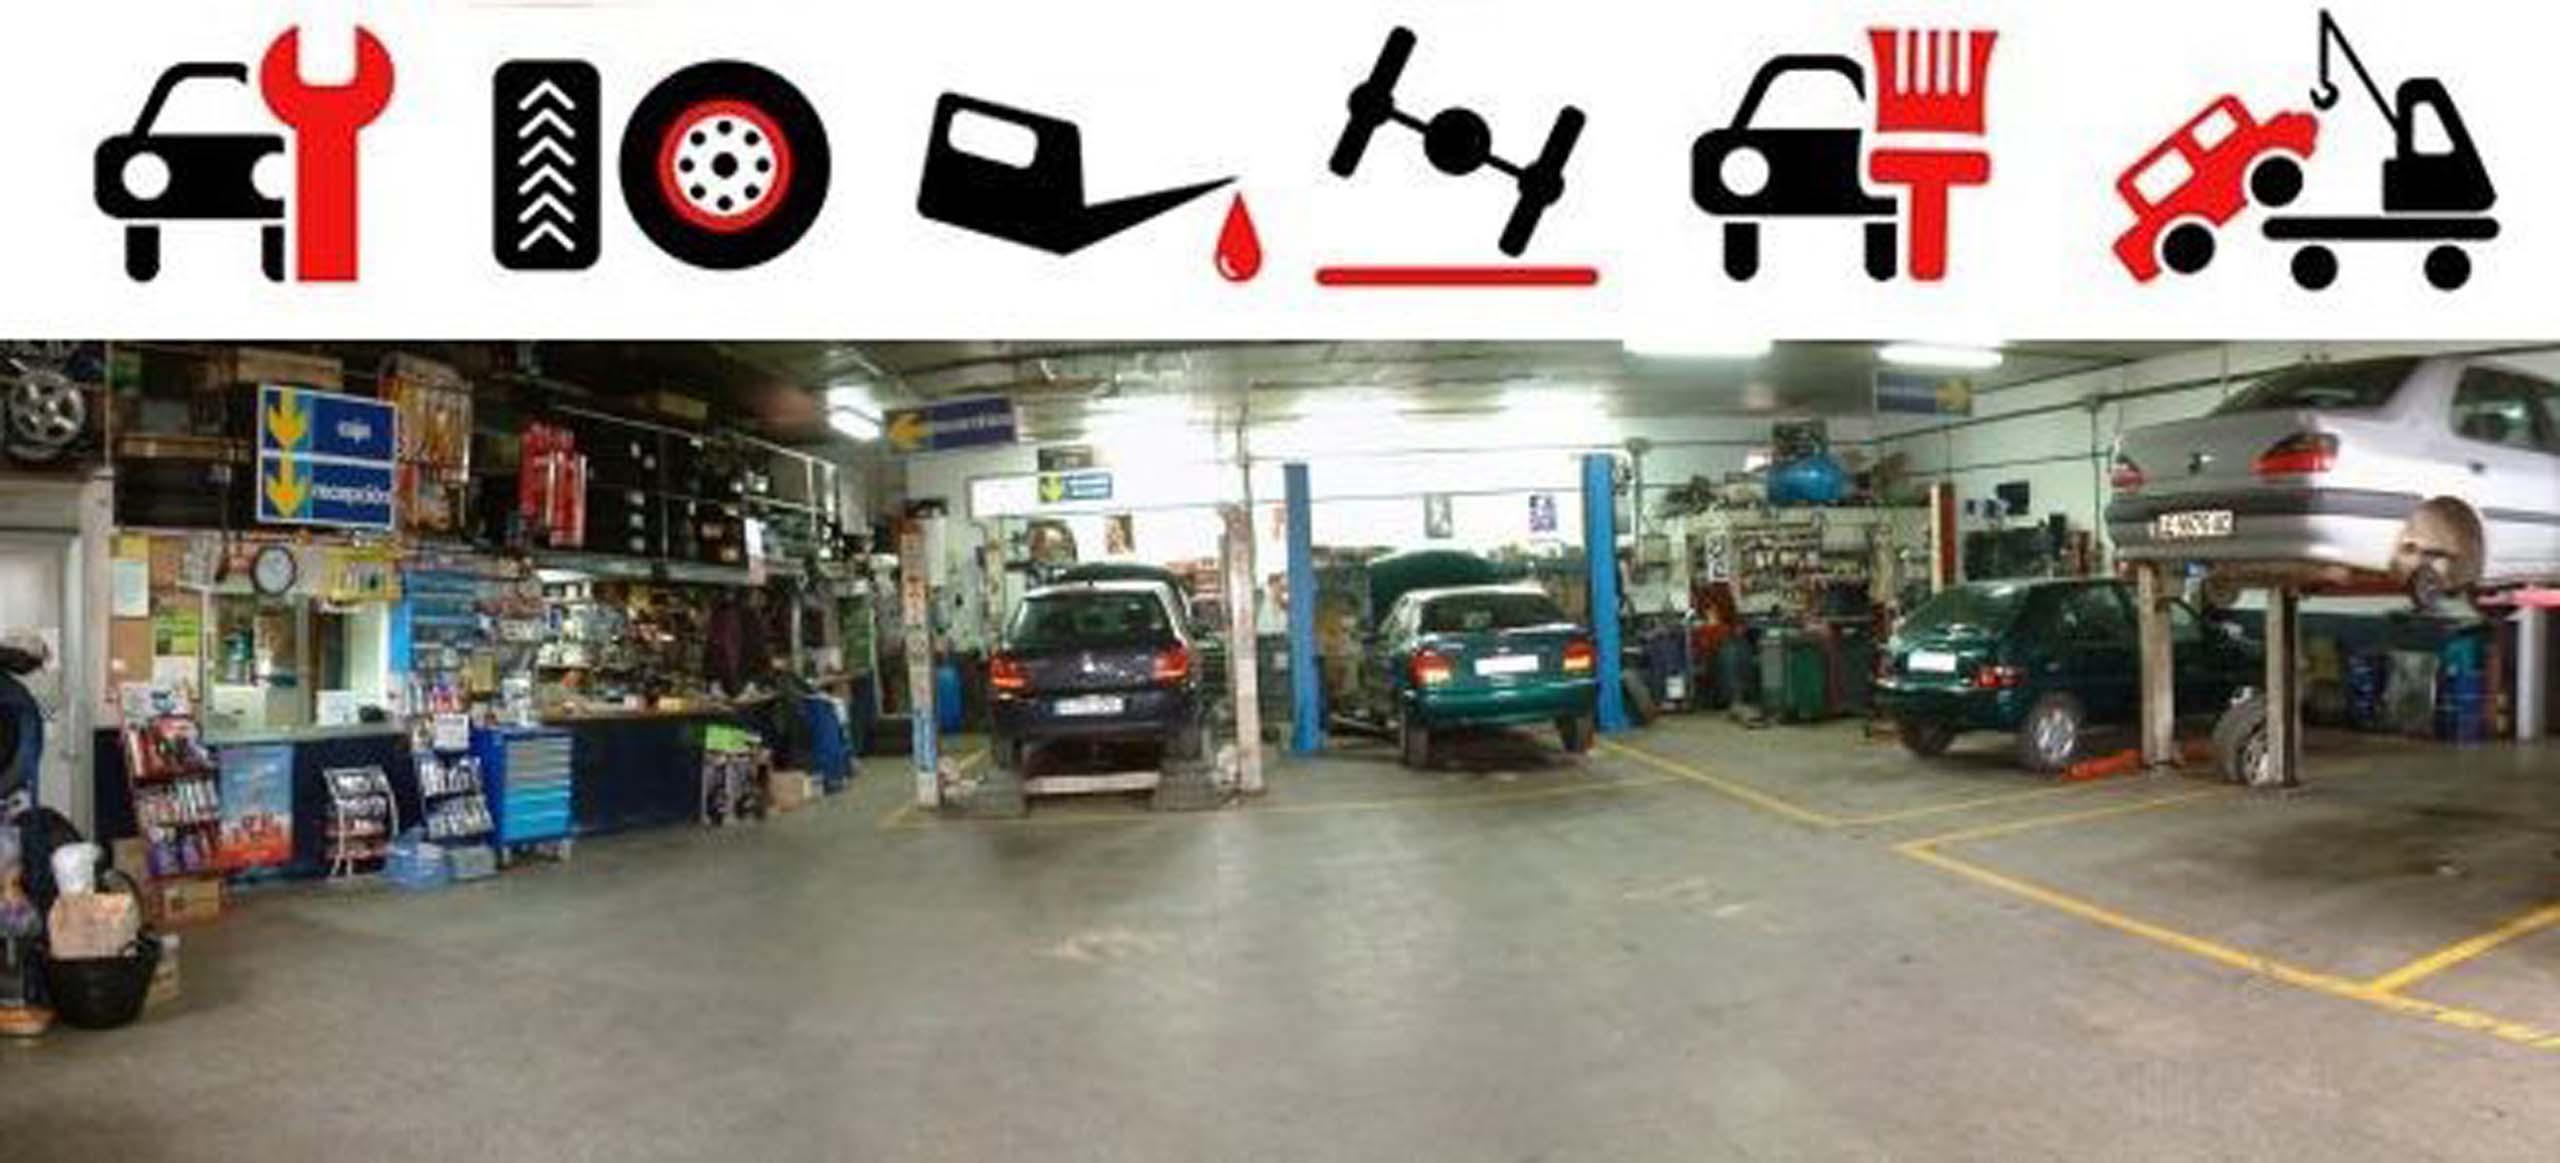 imagen-taller-r10car